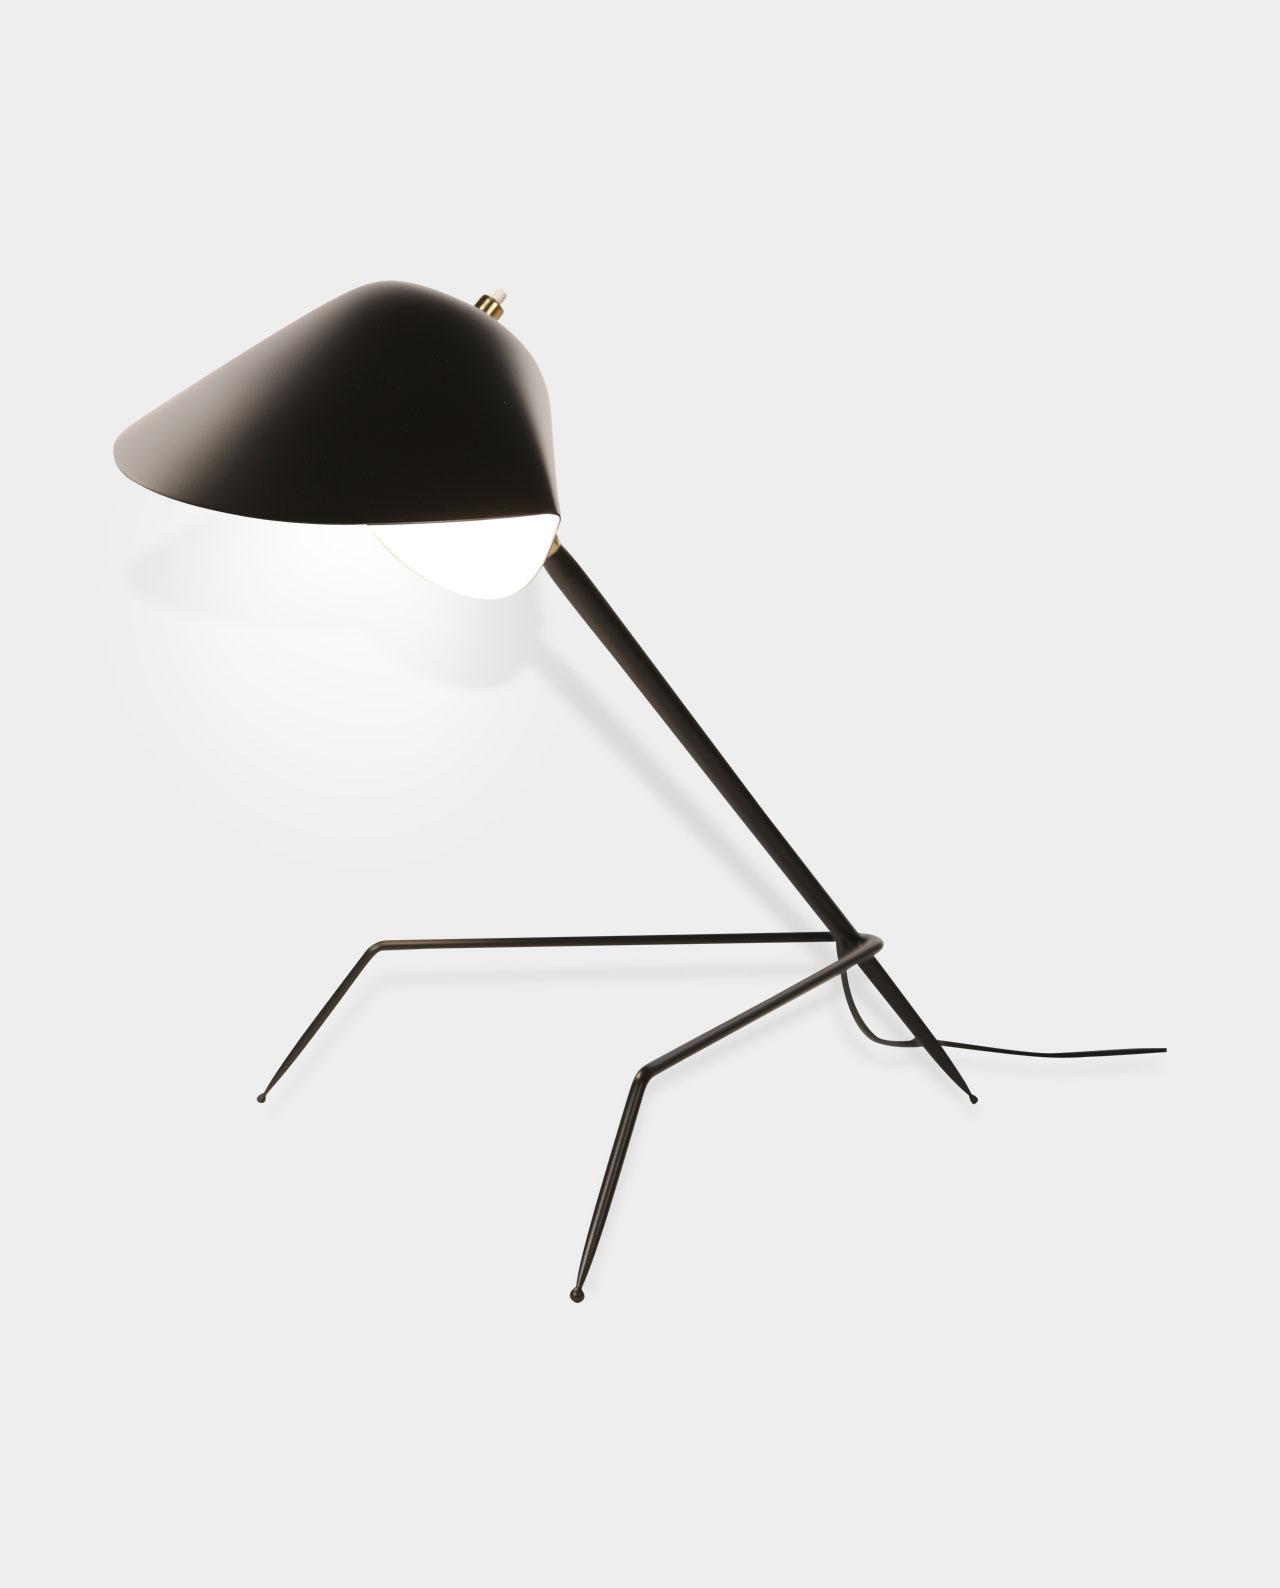 lampe de bureau tripode luminaires serge mouille e boutique officielle. Black Bedroom Furniture Sets. Home Design Ideas